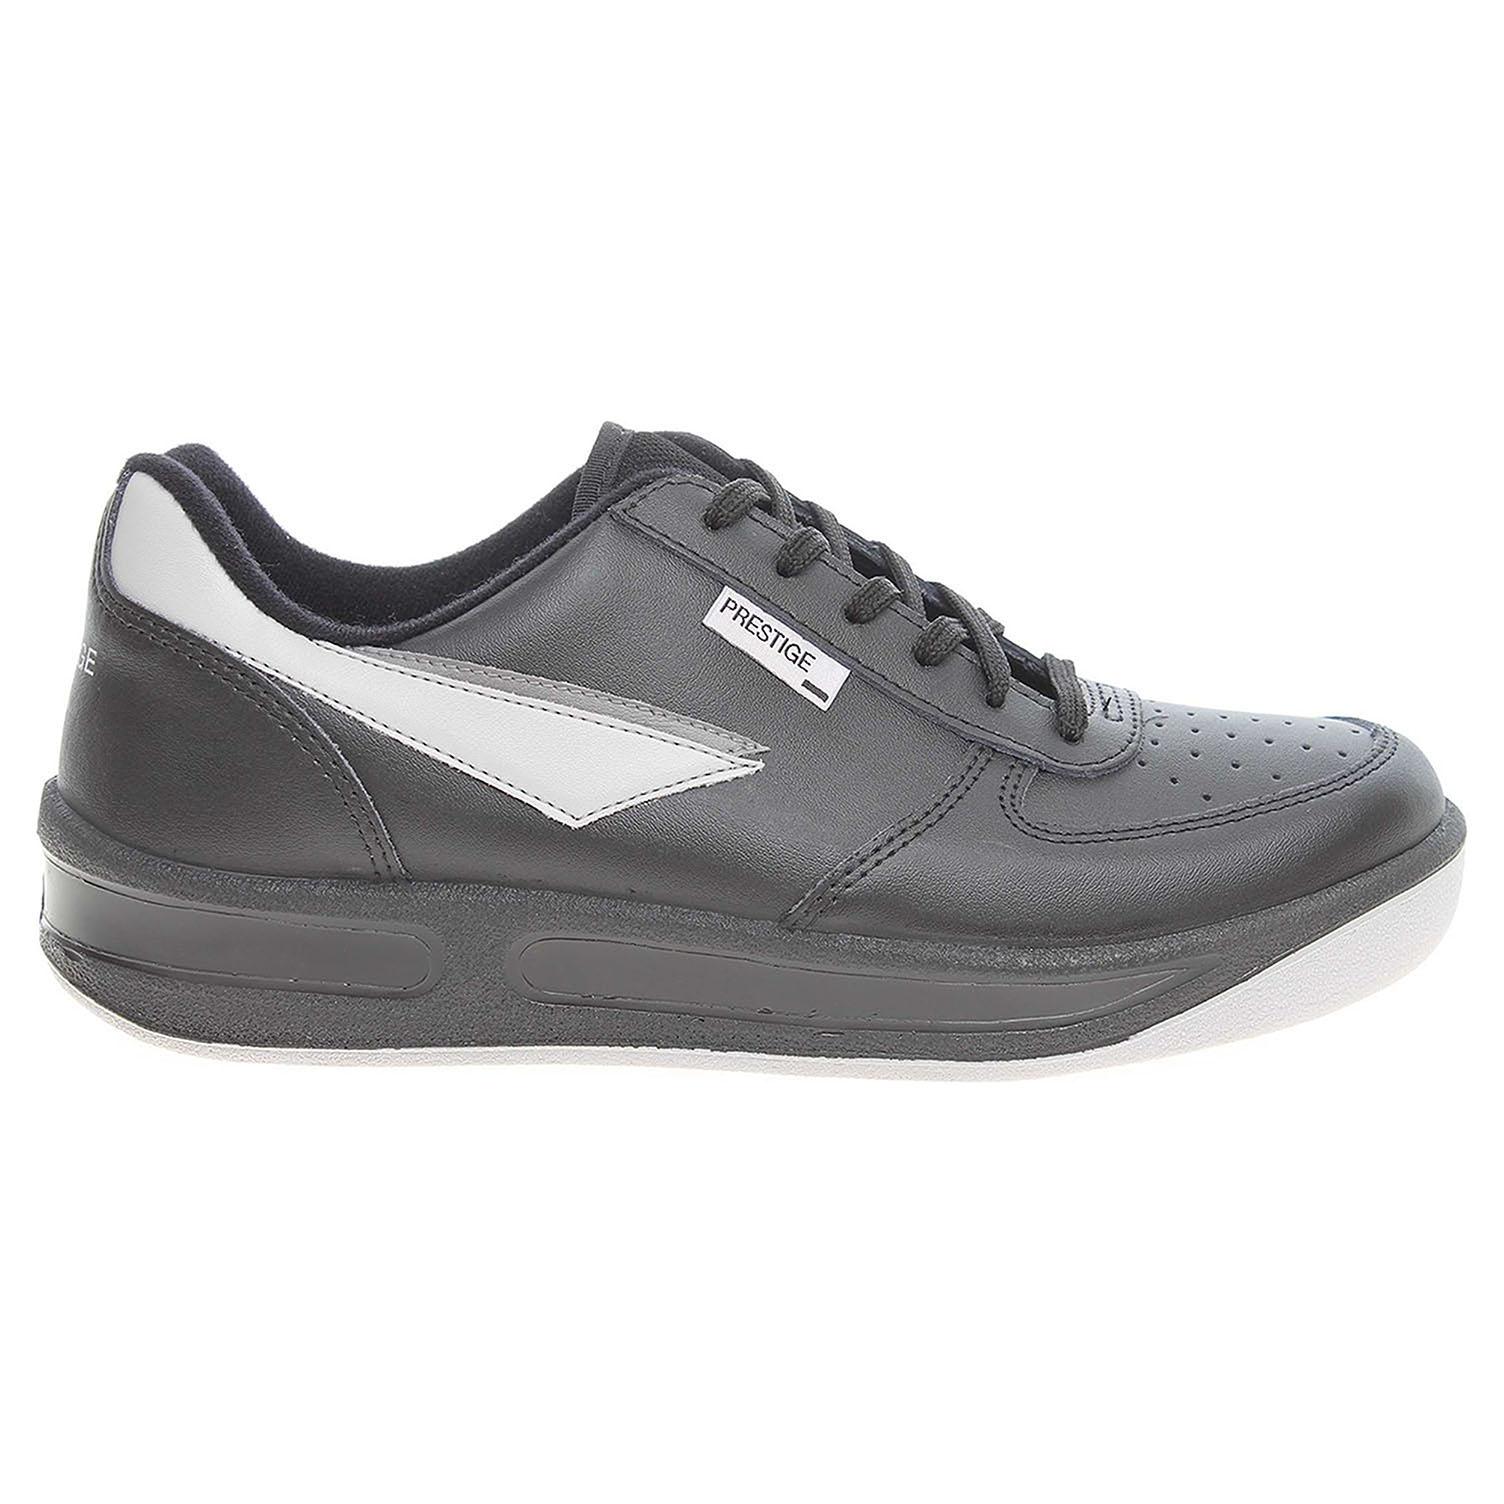 Prestige dámská obuv 86808-60 černá 86808-60 černá 39